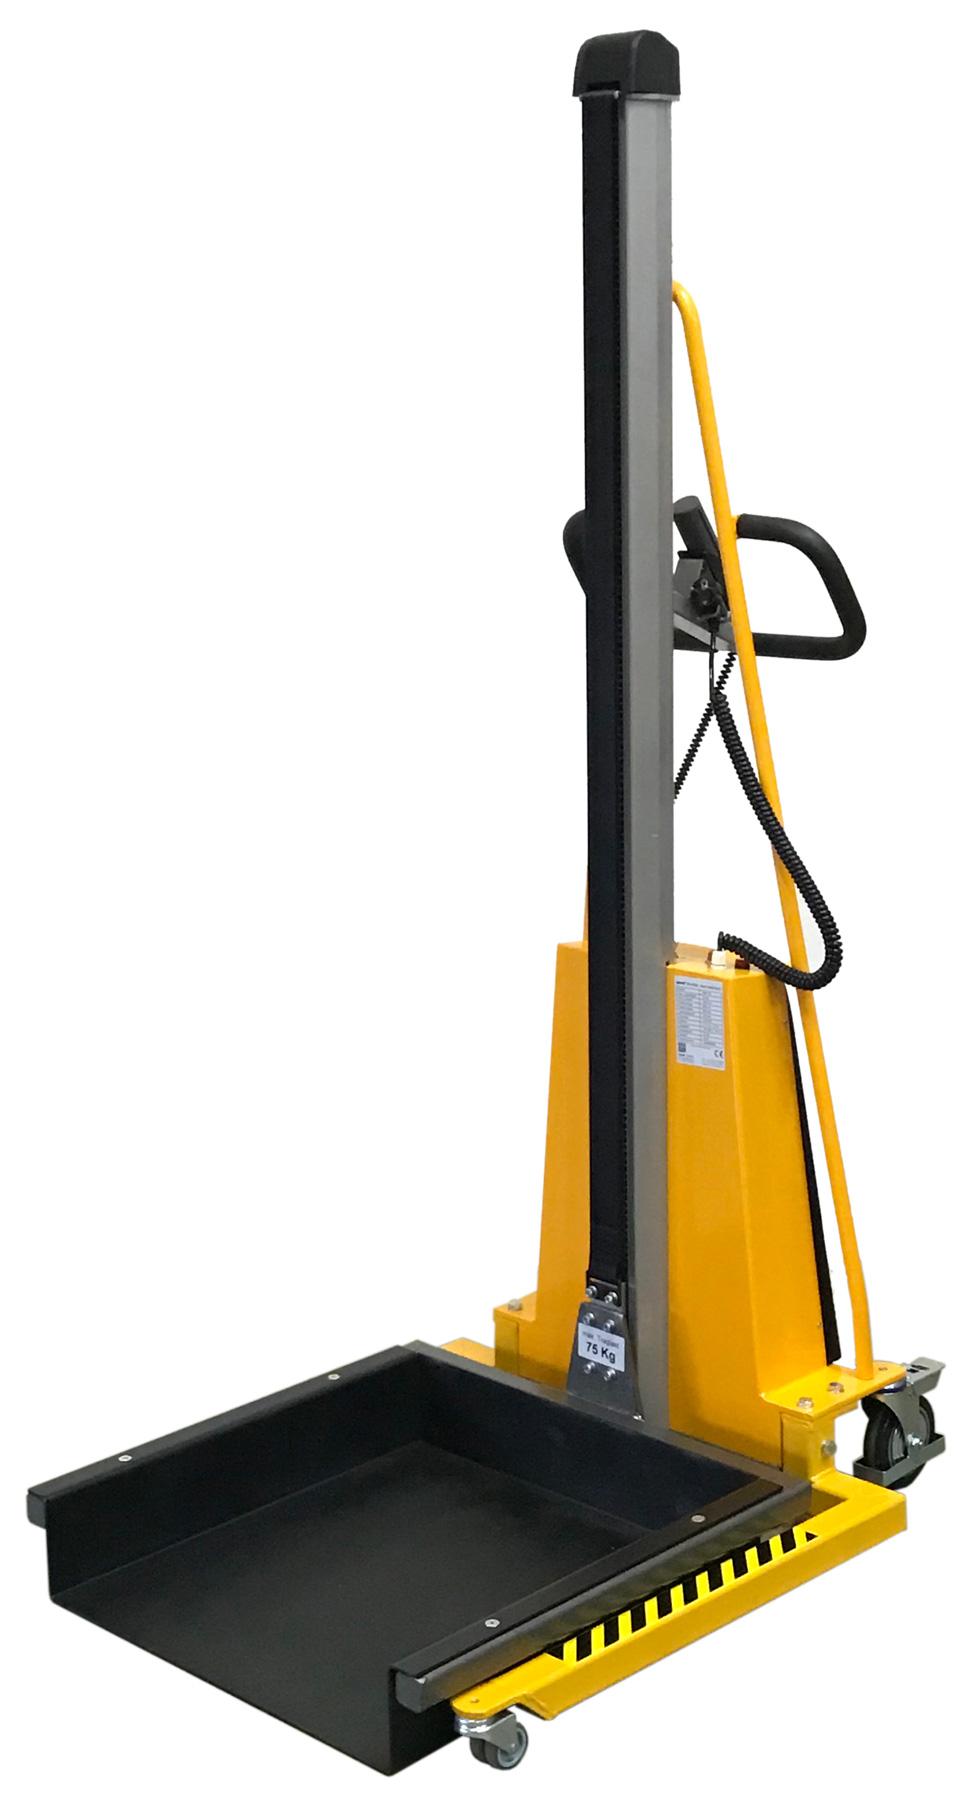 E-Minilifter mit auf dem Boden abgelassener Plattform 600x600mm mit seitlicher Aufkantung, 75kg Rest-Traglast #6403